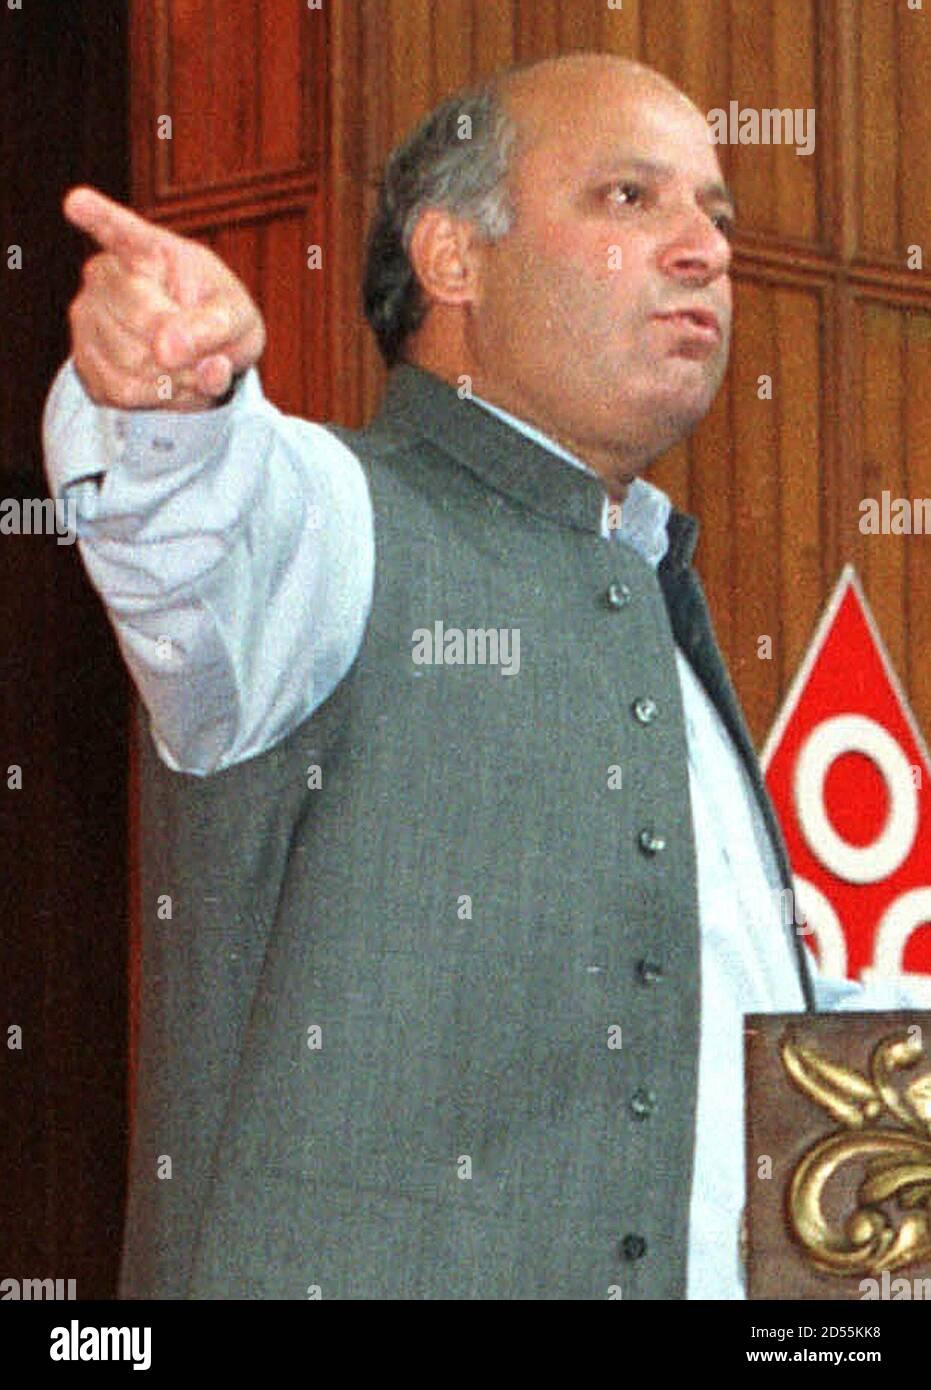 Le Premier ministre Nawaz Sharif prend la parole lors de la session inaugurale de la deuxième Convention des Pakistanais d'outre-mer à Islamabad, en août 25. Sharif a déclaré mercredi qu'il était prêt à accorder la permission à une proposition permettant aux Pakistanais vivant à l'étranger de mettre en commun leurs ressources et de lancer une compagnie aérienne et une banque, à condition que l'idée soit réalisable. MP/DL/KM Banque D'Images